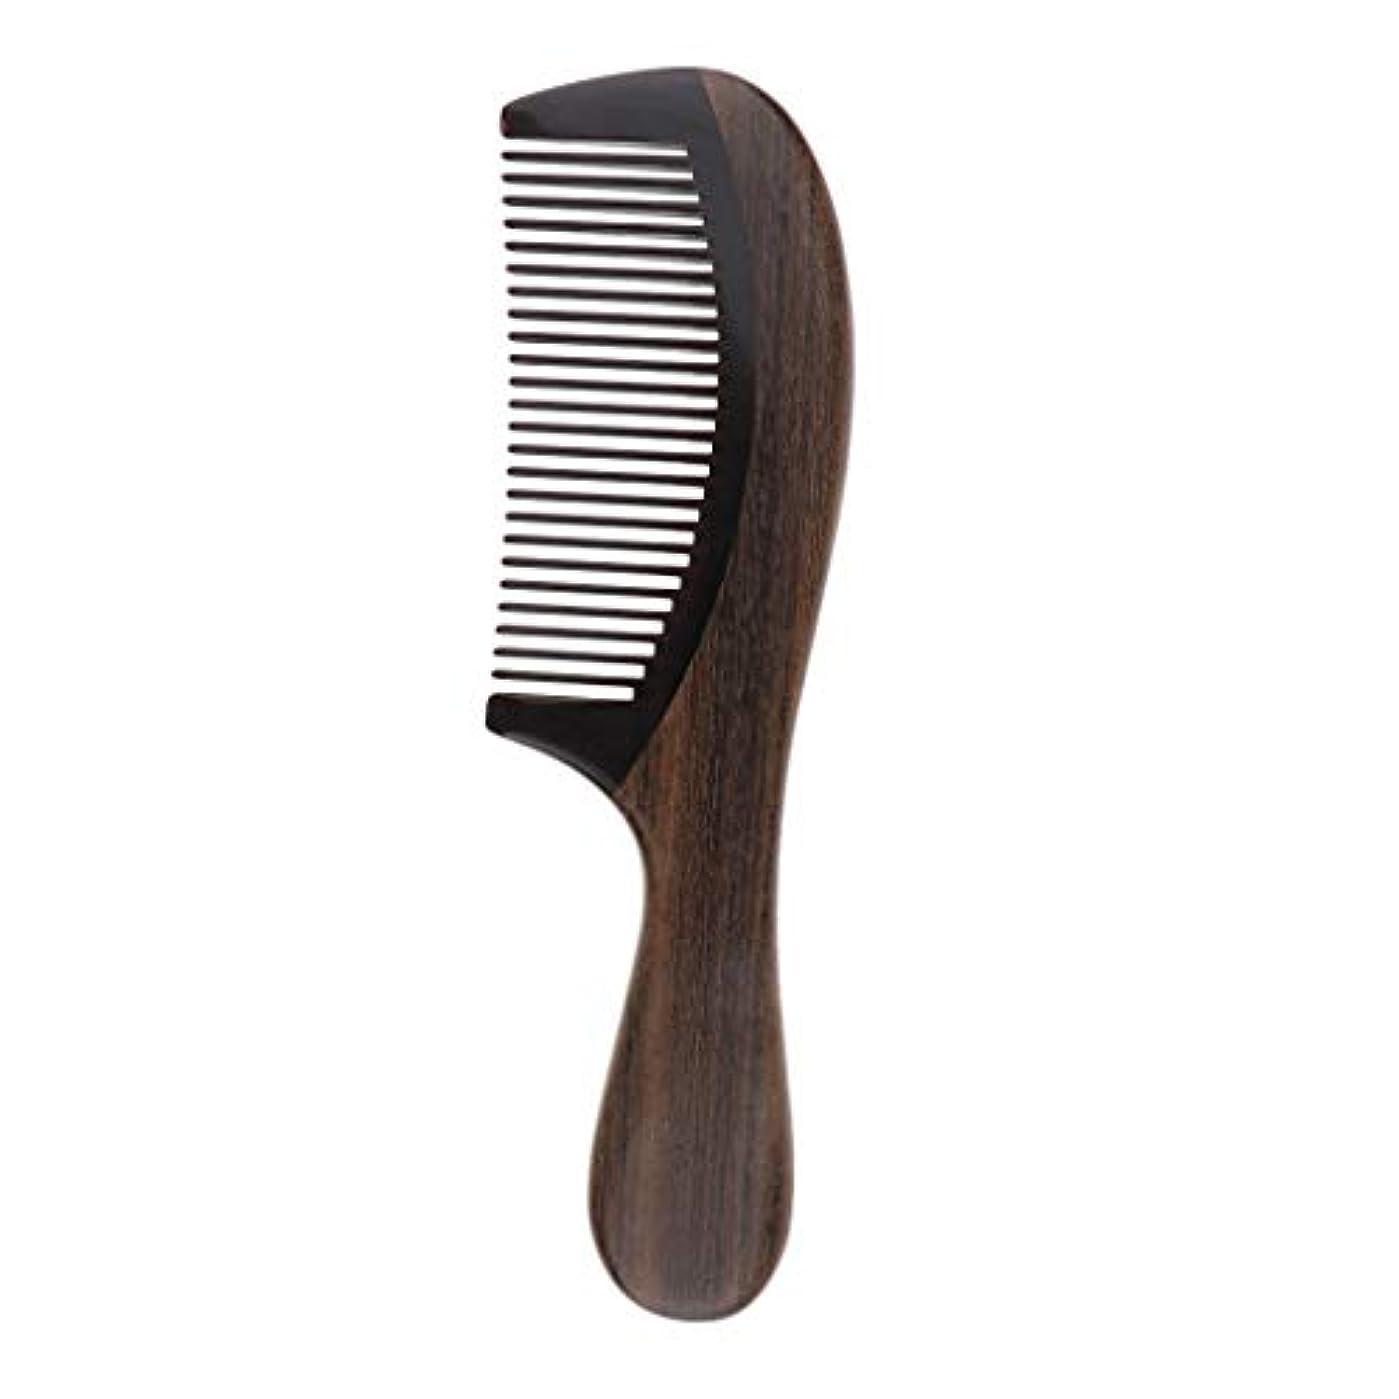 ミッション自分の乱すCUTICATE 櫛 木製 くし コーム 木製ヘアコーム 頭皮マッサージ くし 静電気防止 頭 美髪ケア サンダルウッド